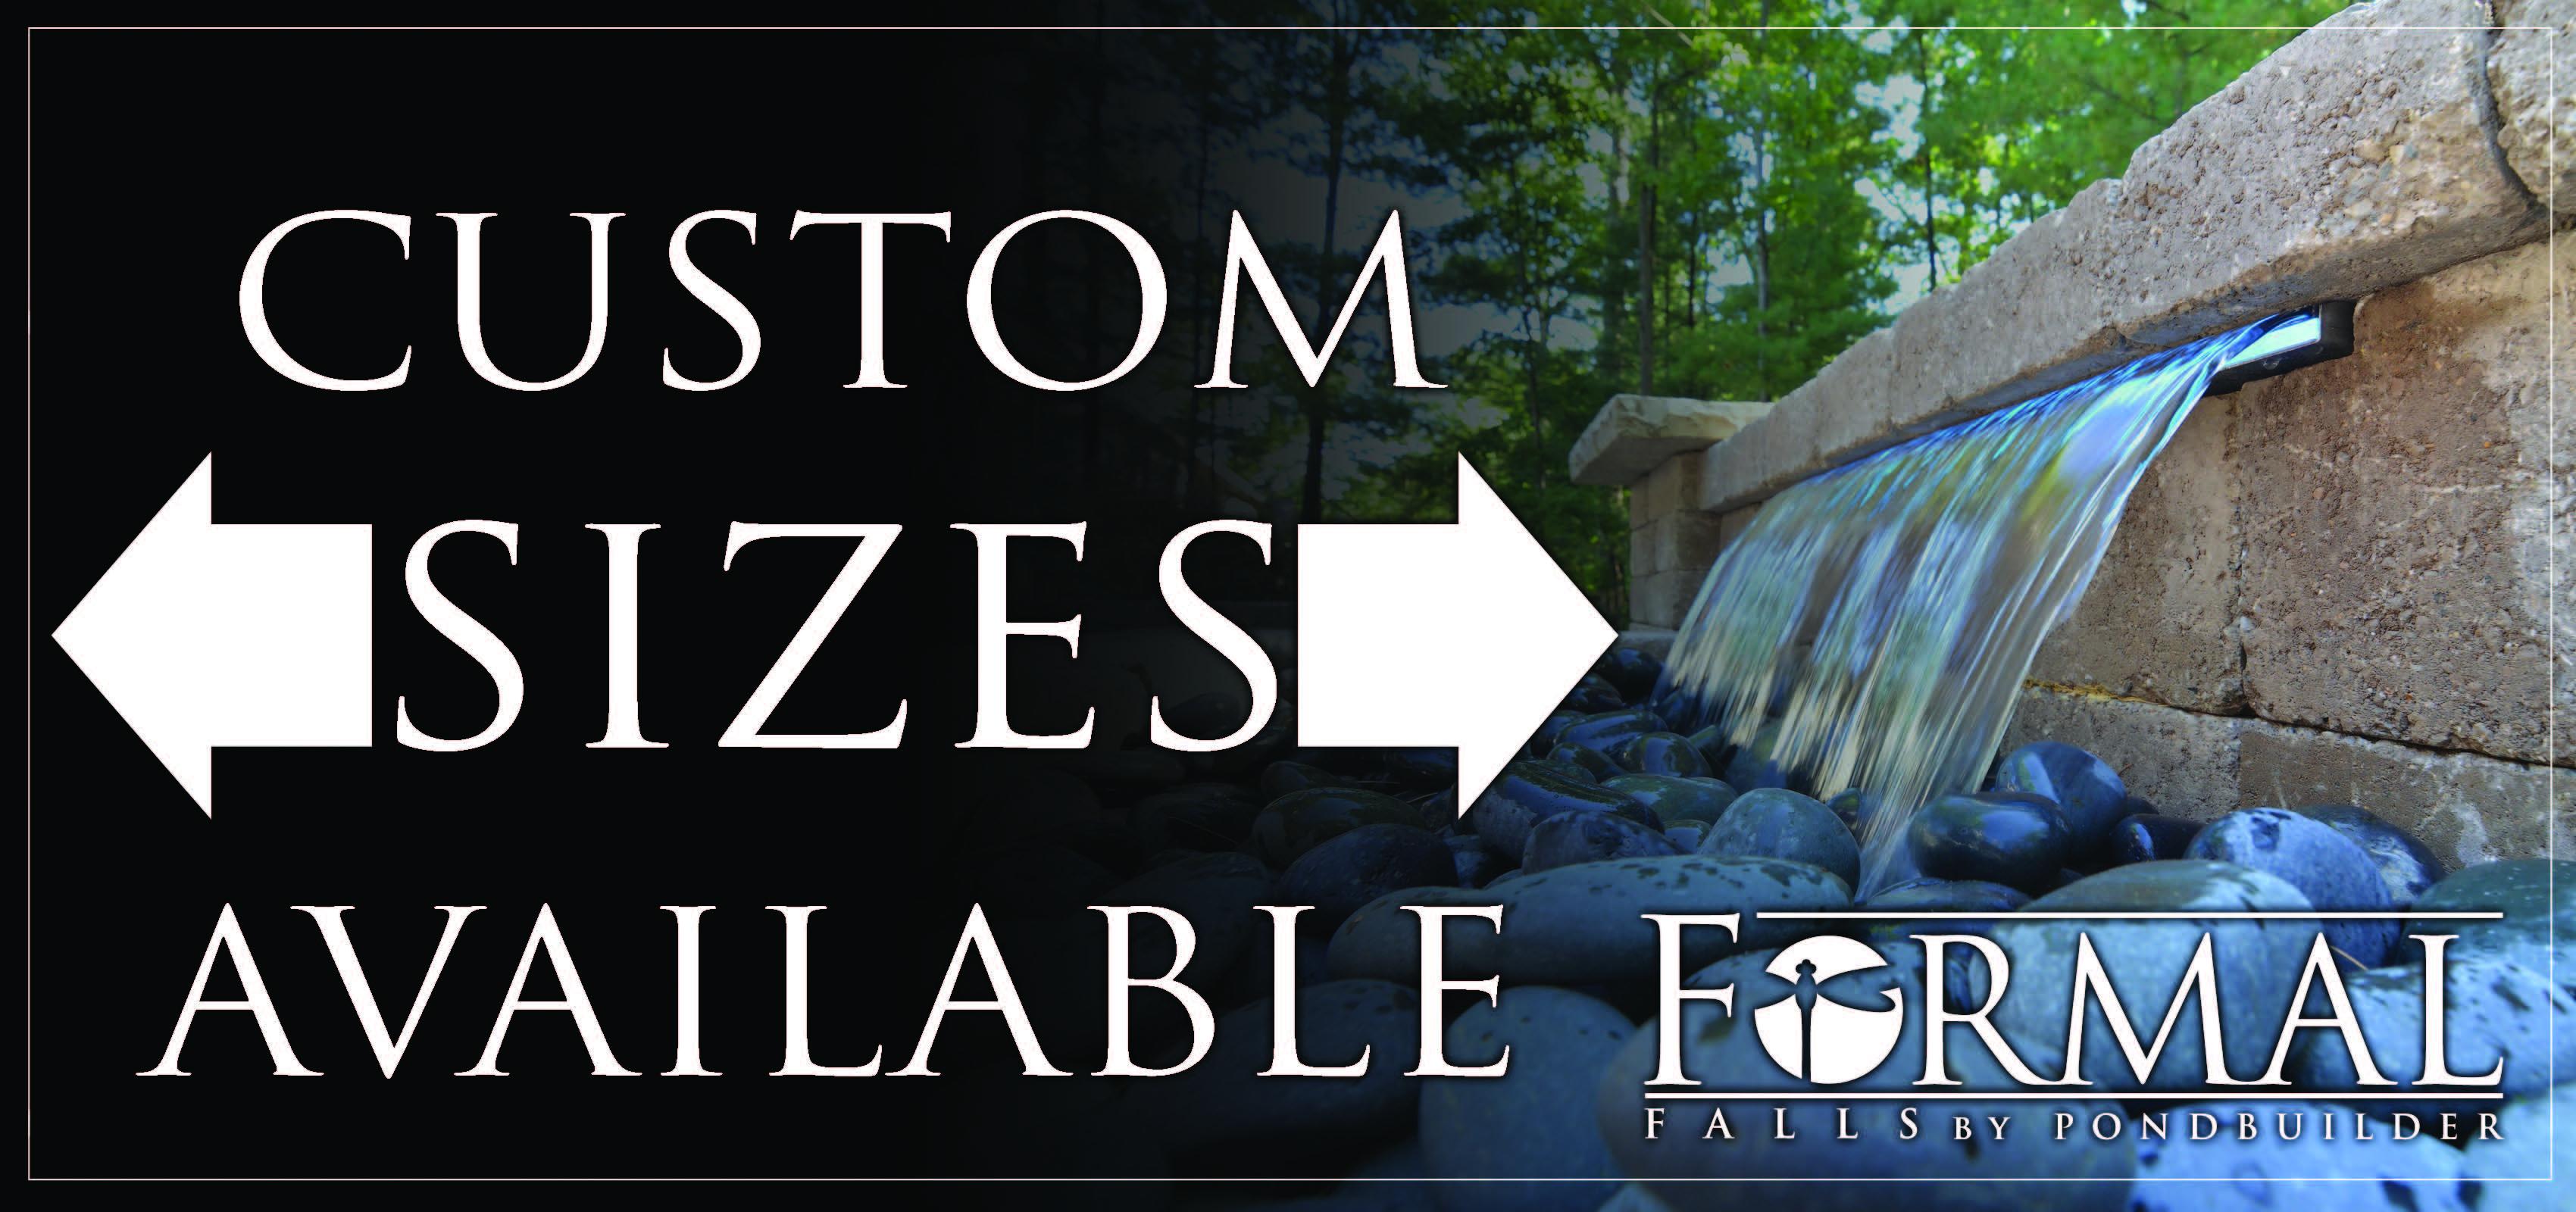 FormalFallsbanner Customsizes8x17